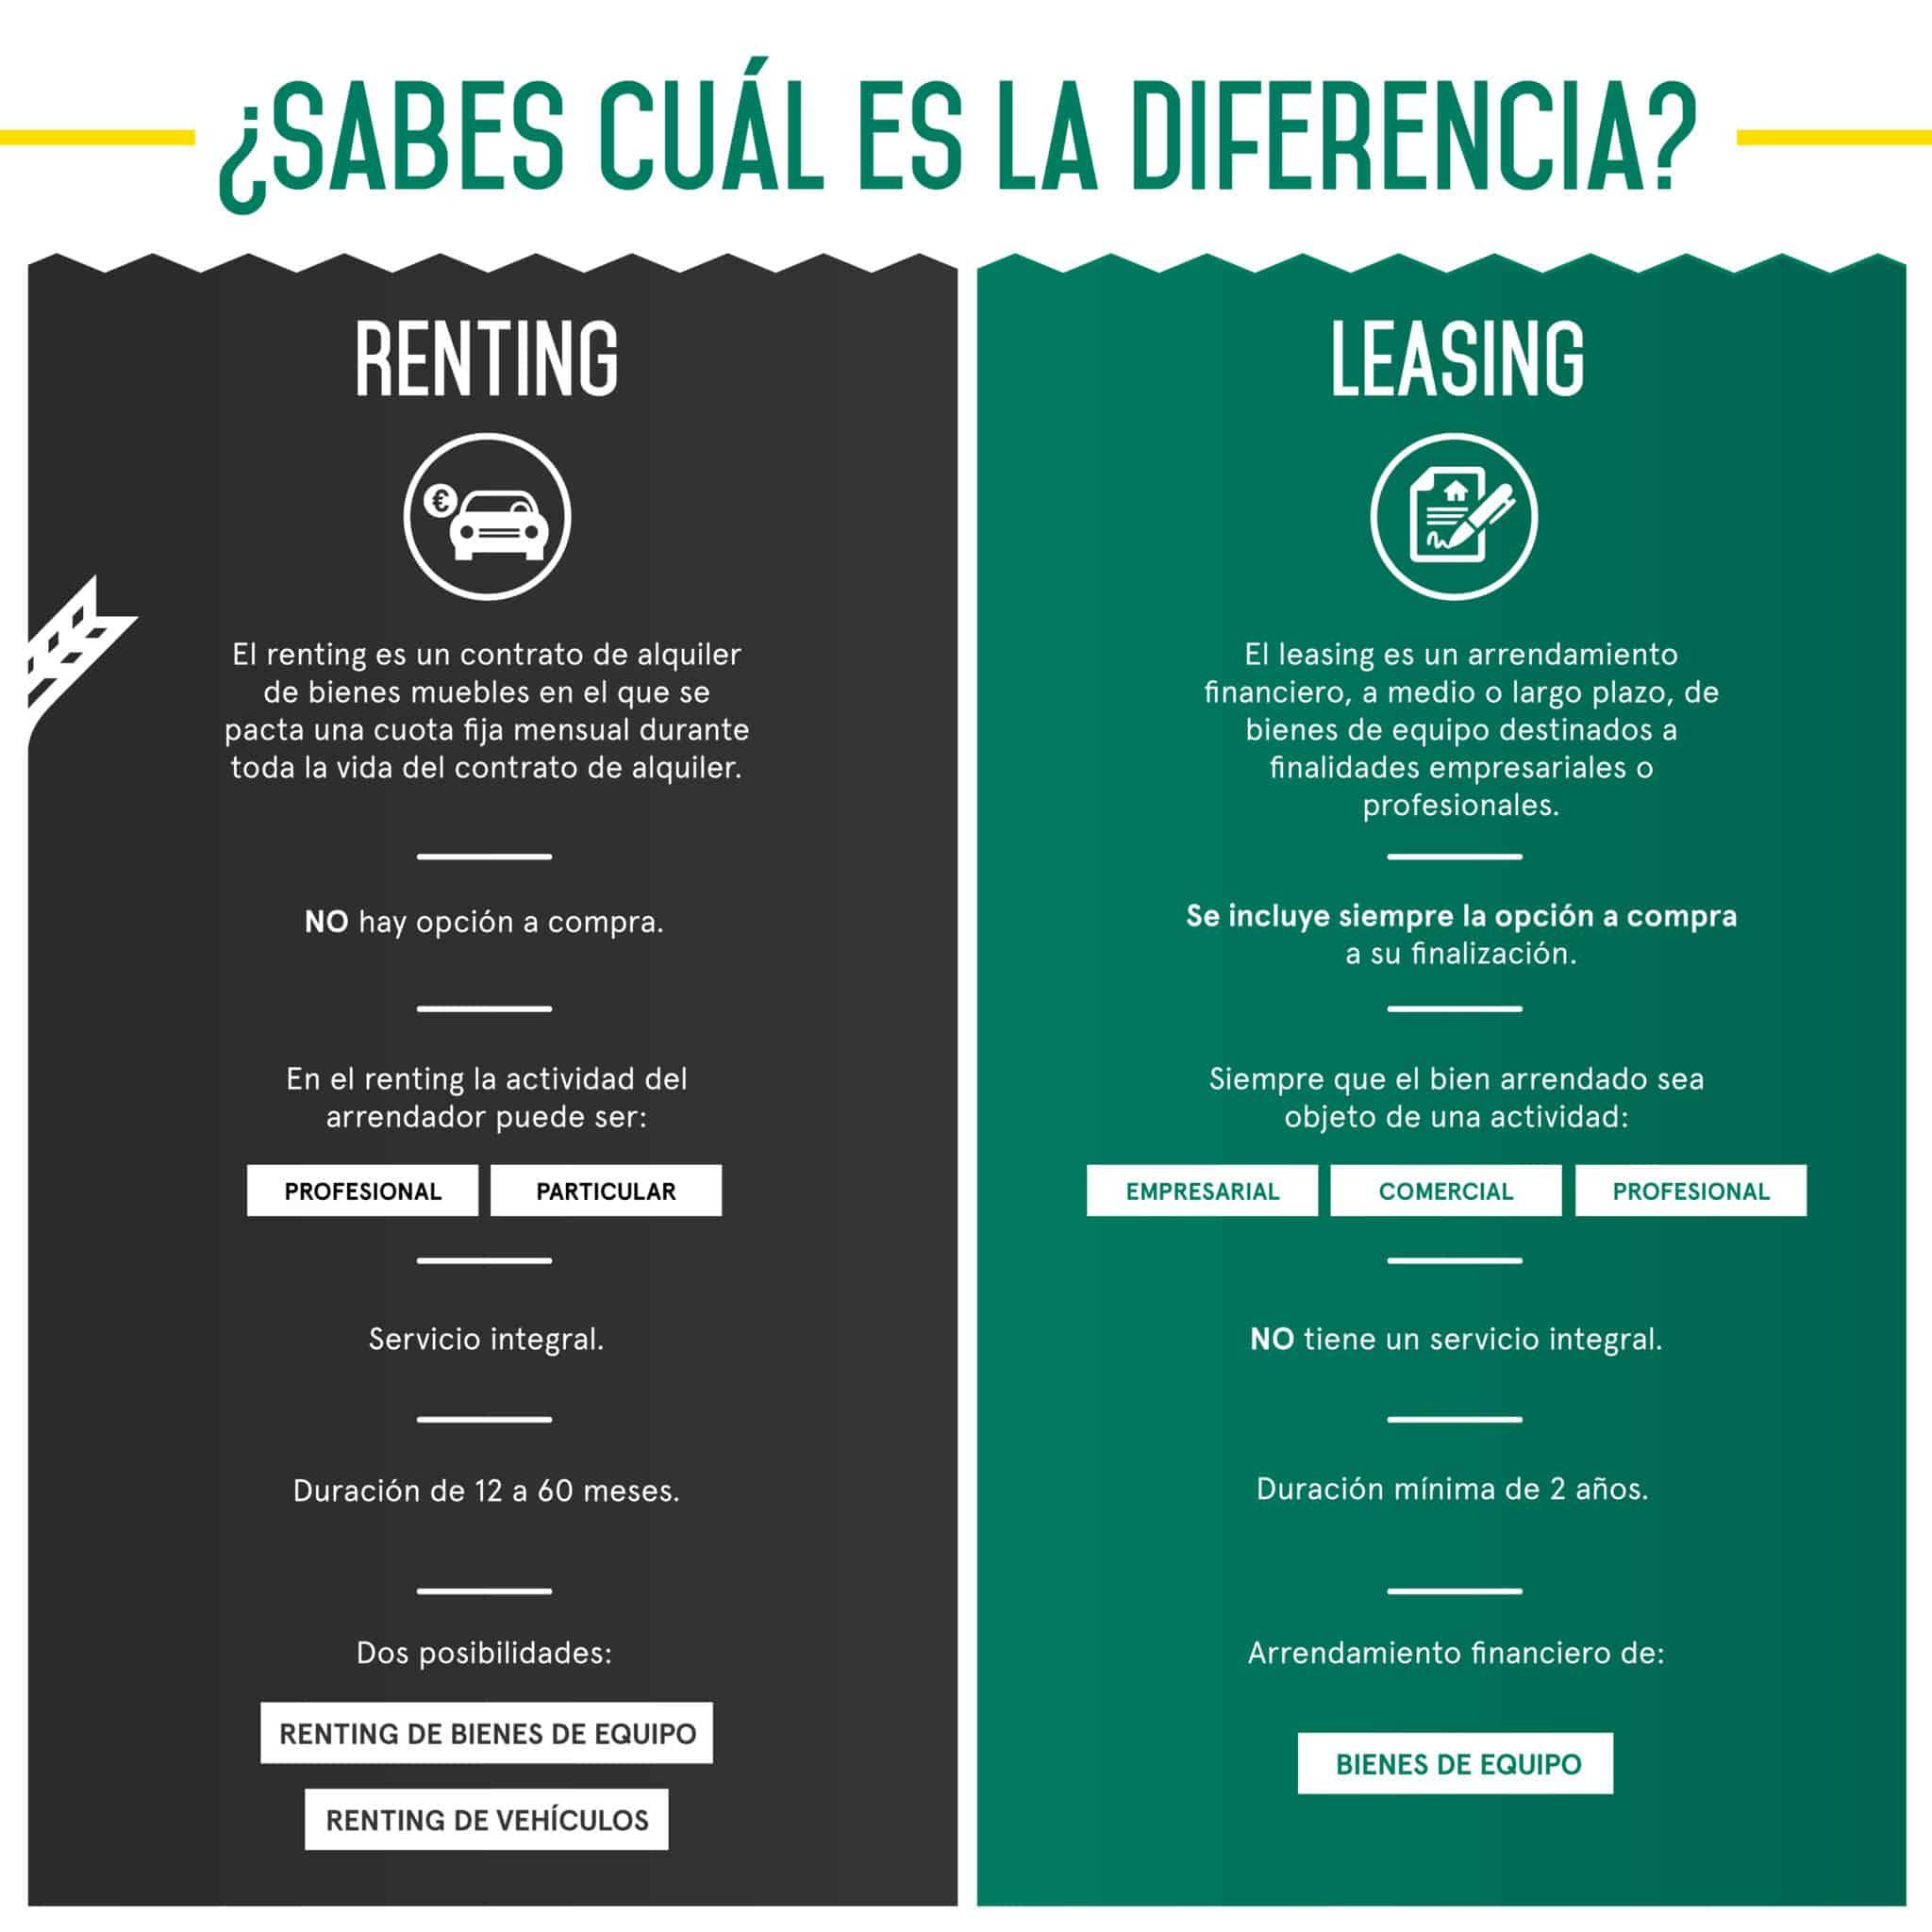 ¿Sabes la diferencia entre Renting y Leasing?